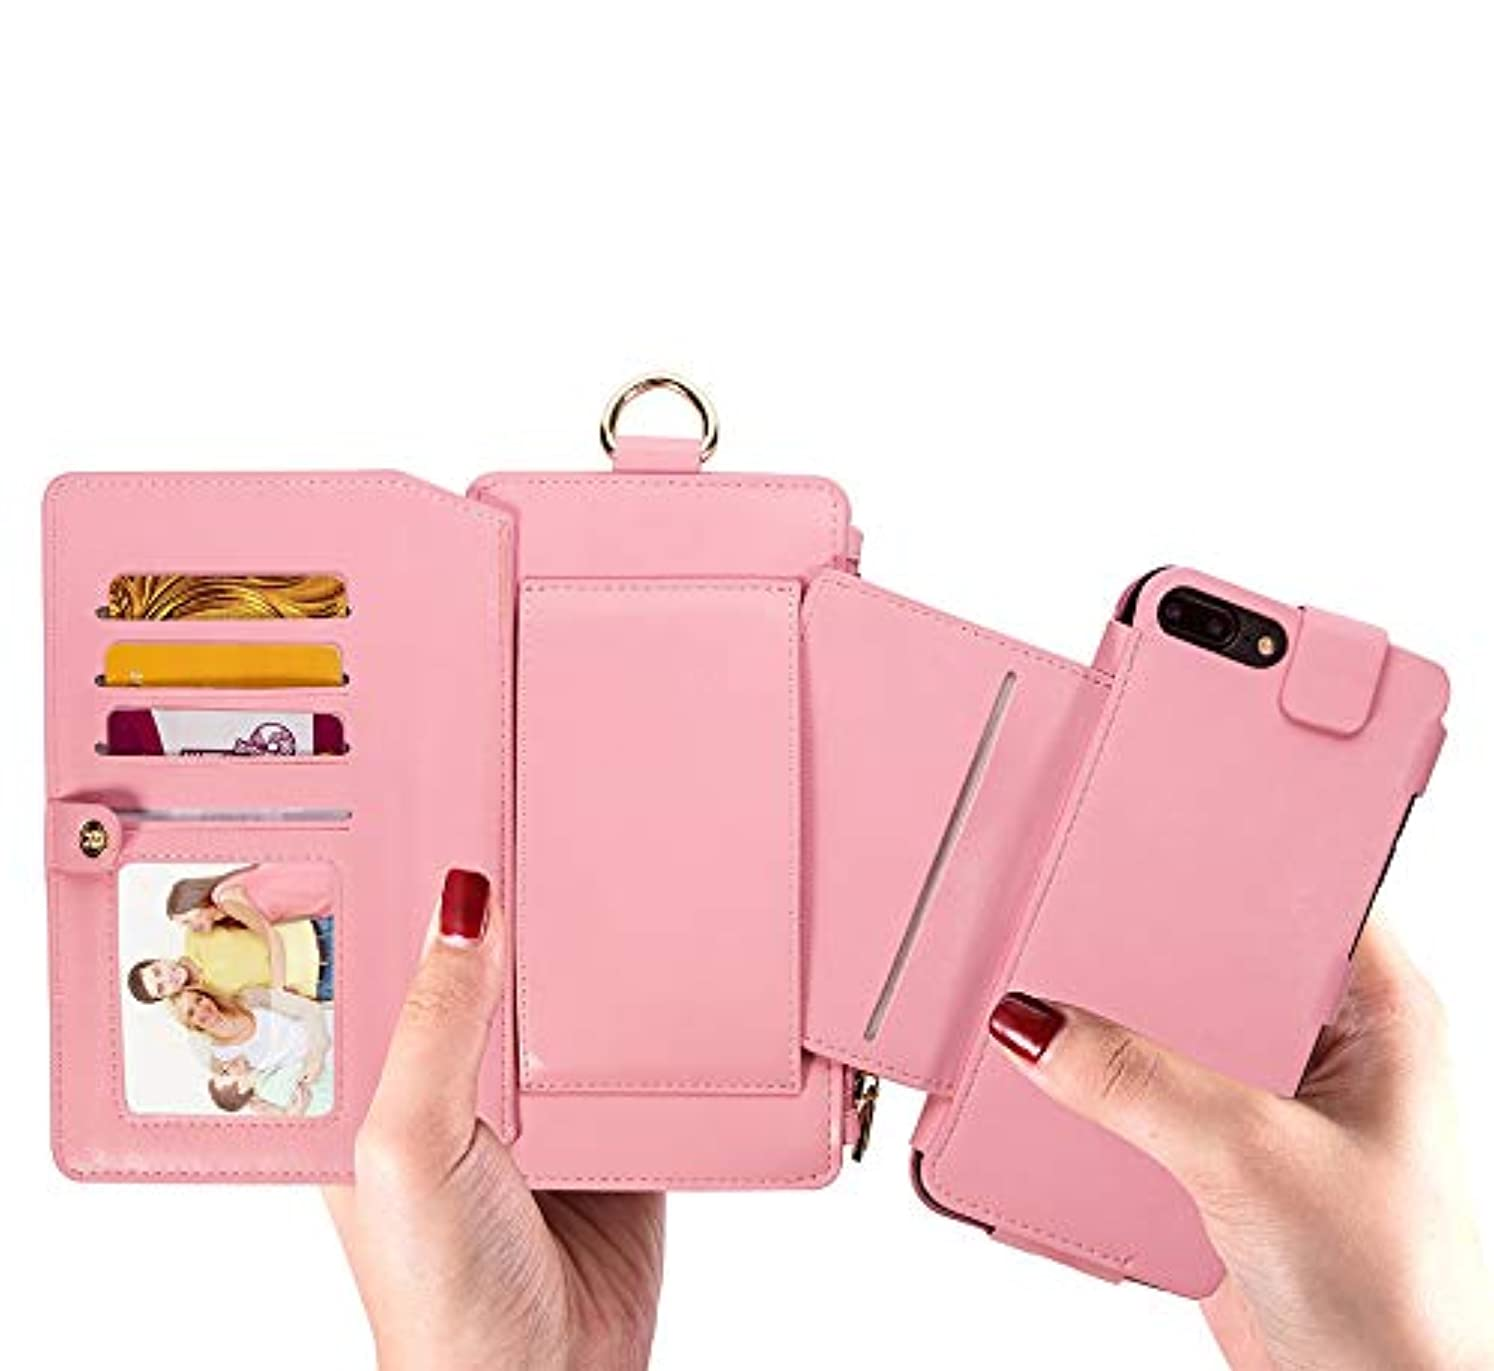 脚本裸チョップiPhone 7 パソコンExit包保護套 - 折りたたみ保護袖 - 立ちブラケット-ビジネススタイル-全身保護-内殻金属リング-12札入れ-相枠-取り外し可能な電話ケース財布 4.7インチiPhone 7 / iPhone...